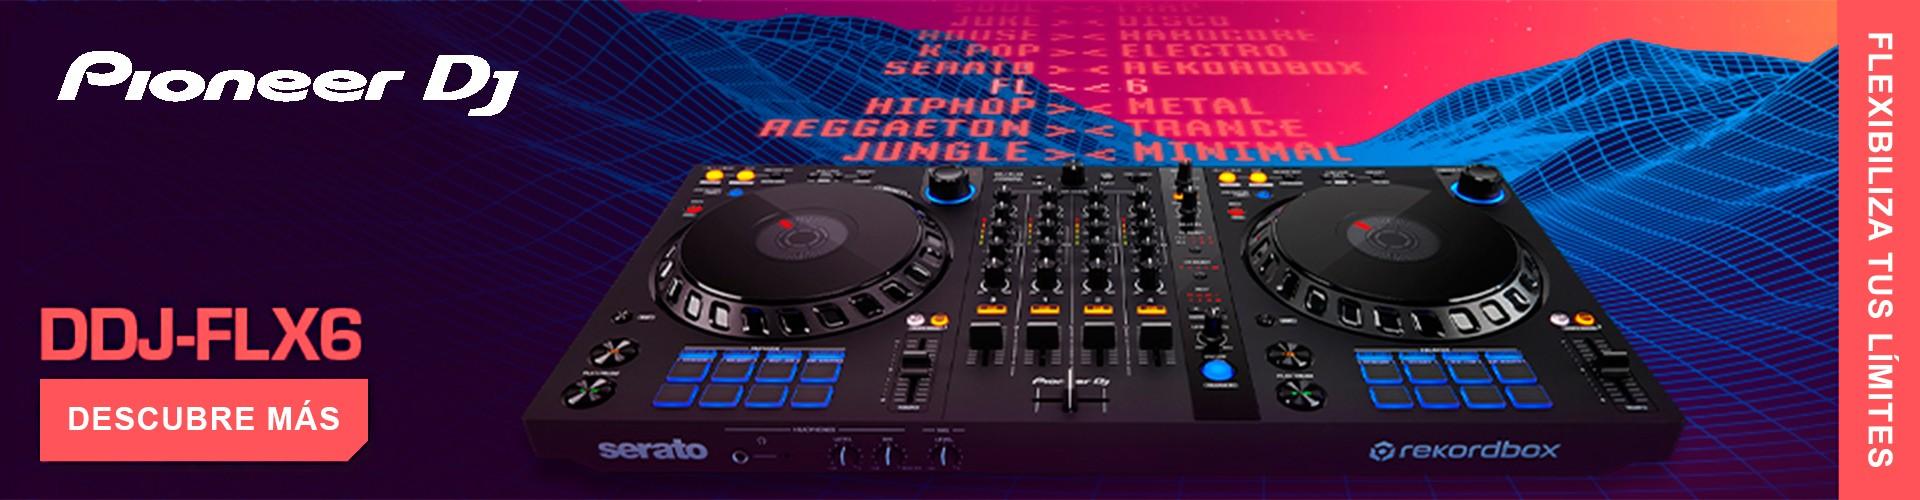 Nueva Controlador Pioneer DJ DDJ-FLX6